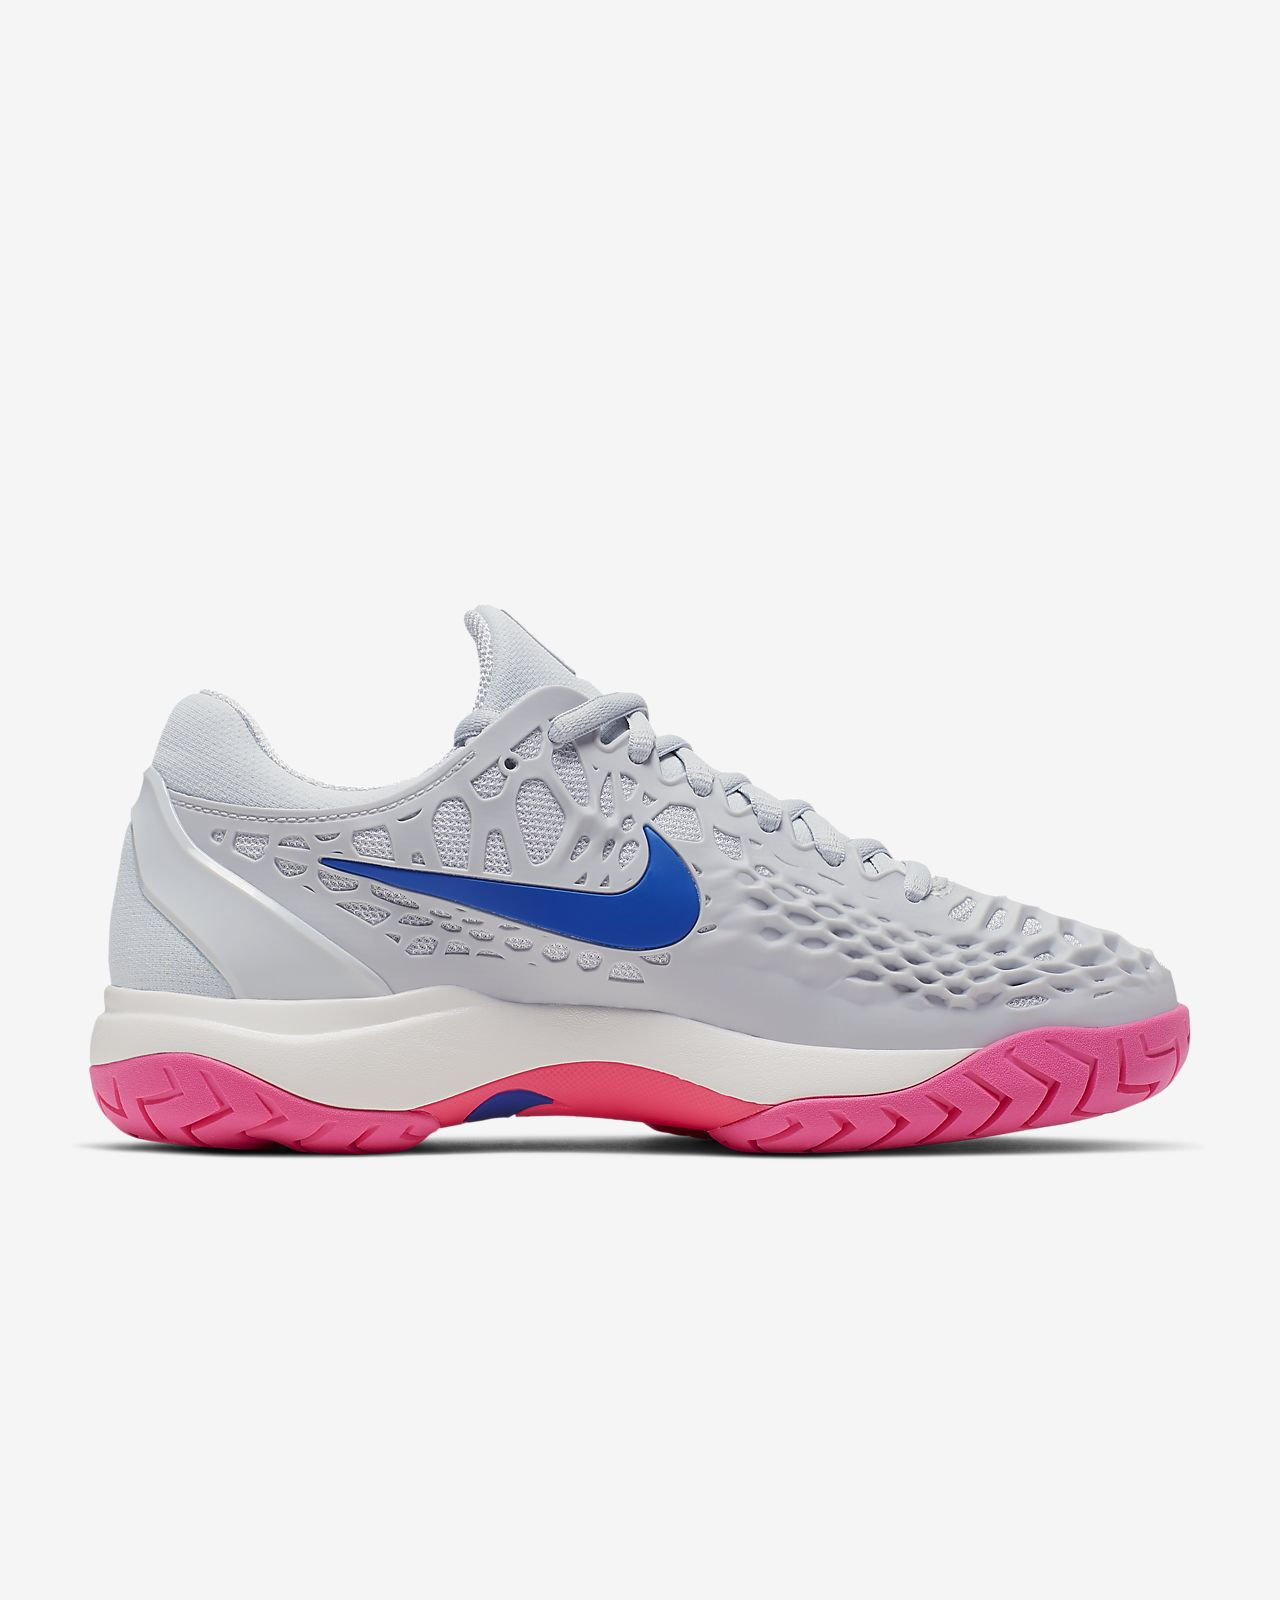 146f6de5590e NikeCourt Zoom Cage 3 Women's Hard Court Tennis Shoe. Nike.com